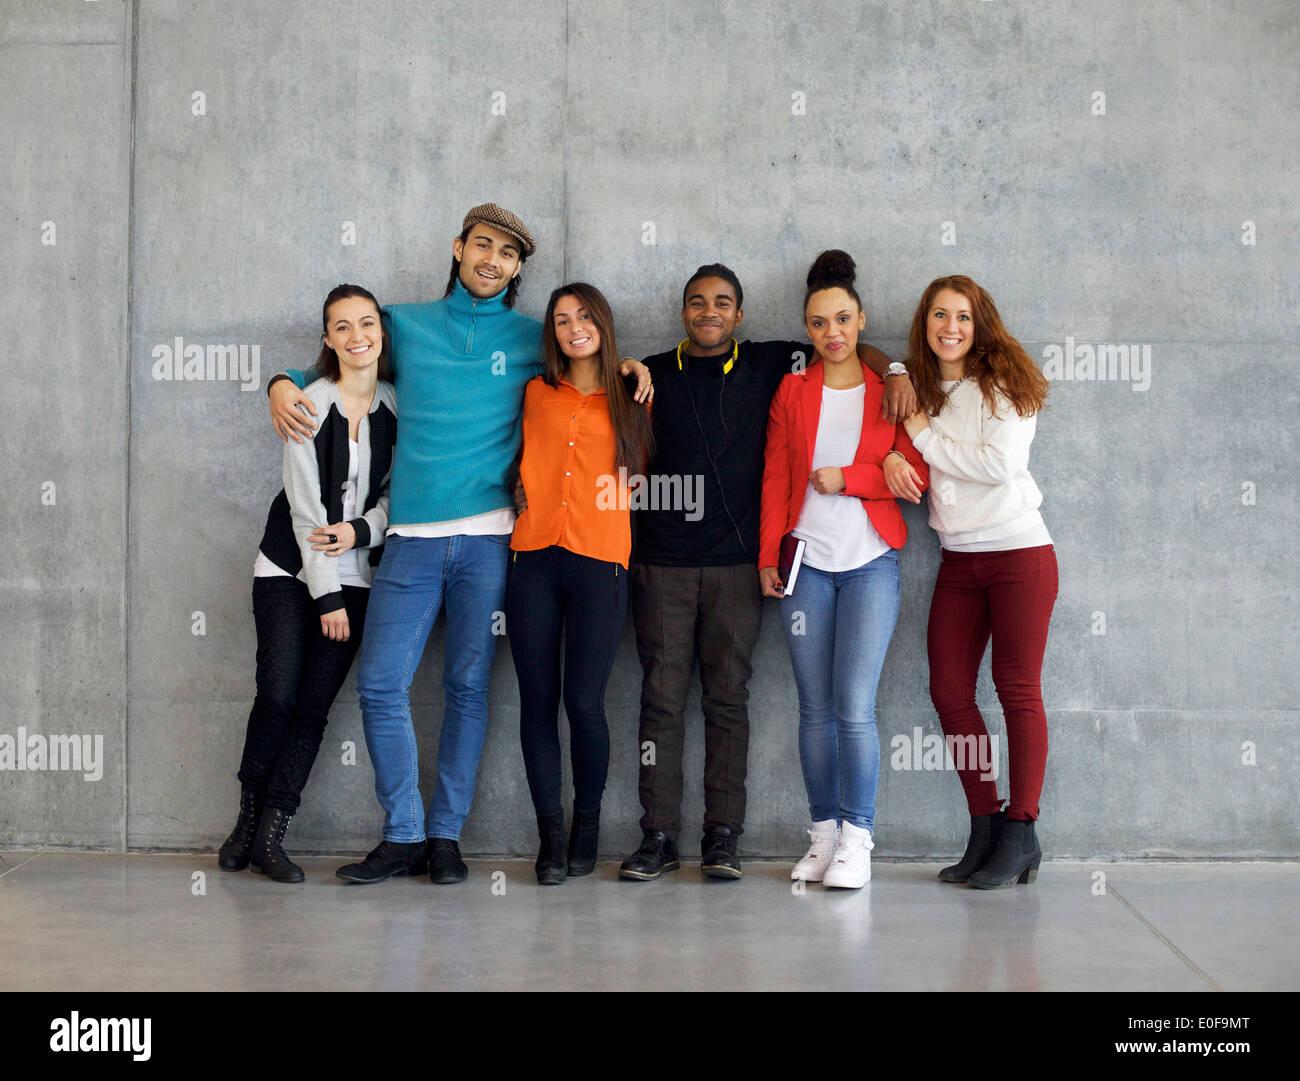 Grupo multiétnico de feliz jóvenes universitarios en el campus. Mestizos jóvenes parados juntos contra la pared. Imagen De Stock